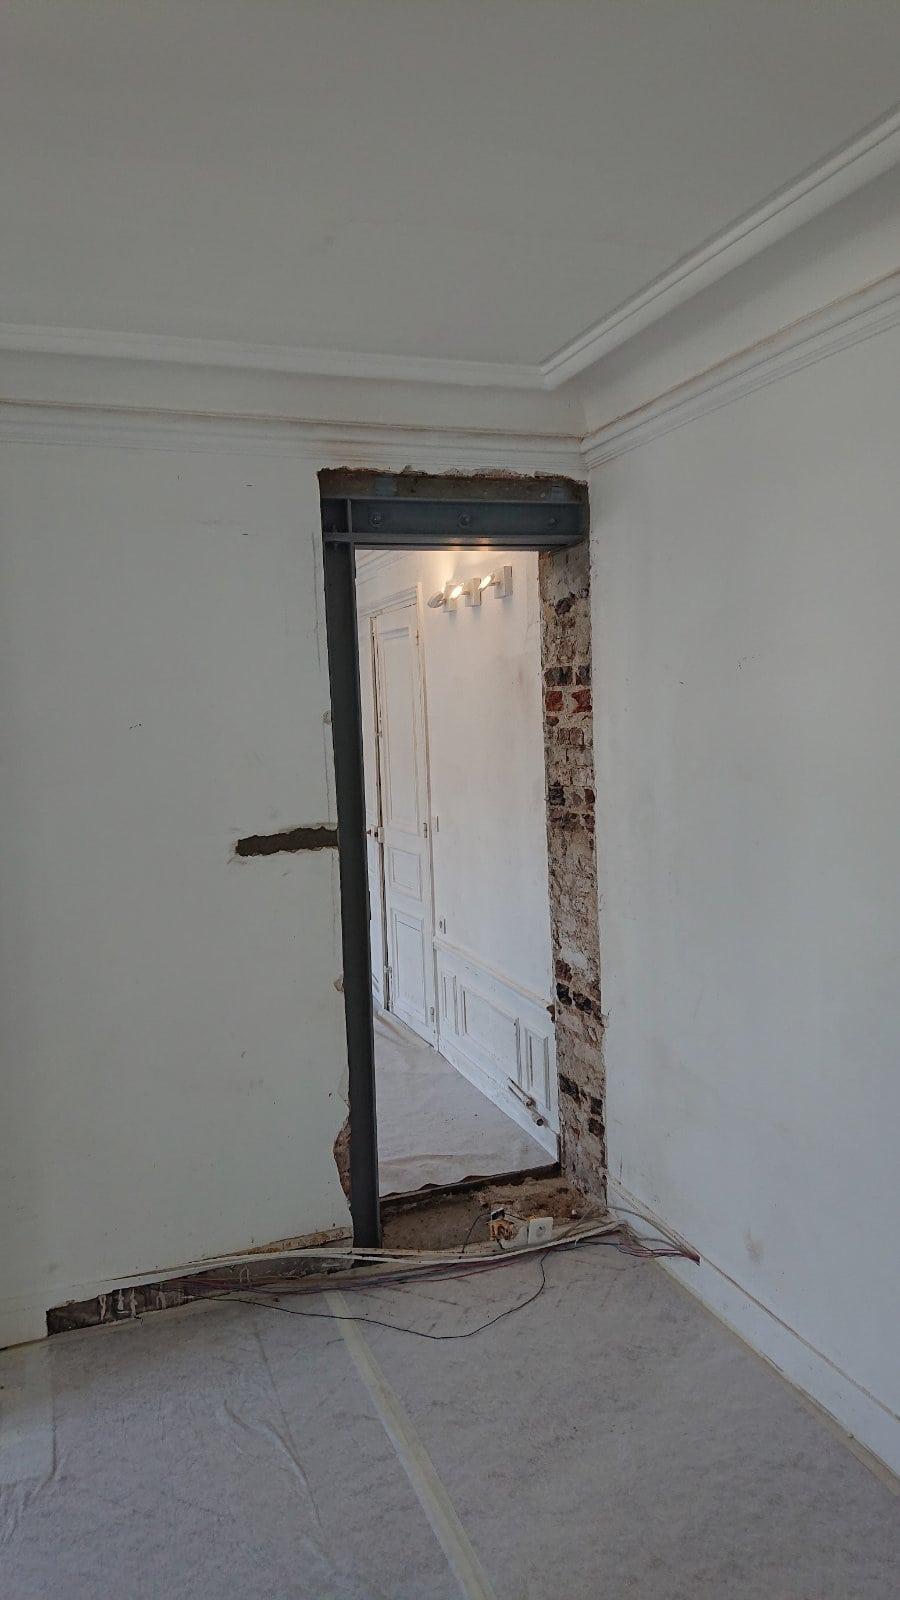 Murs porteurs - Ouverture de porte dans le mur porteur à Cergy-Pontoise. Renforcement par structure métallique. 2